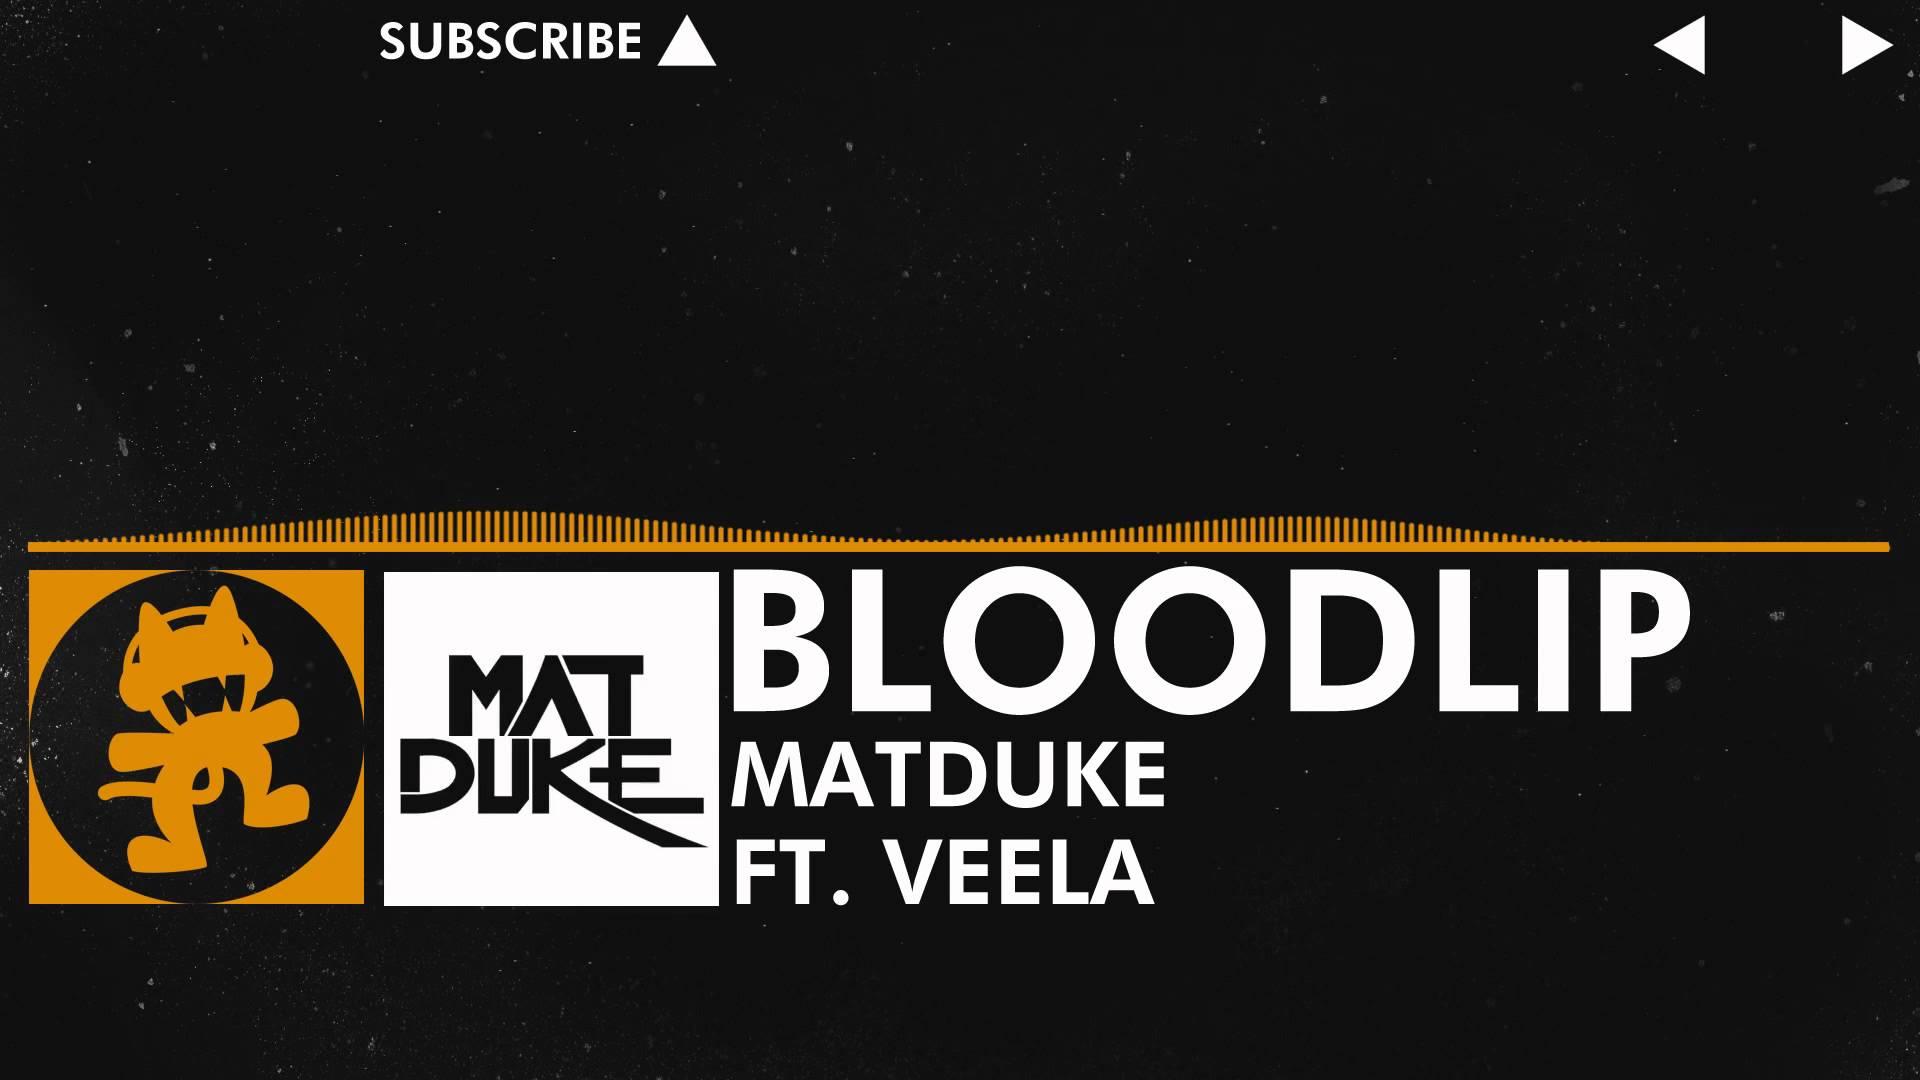 [Progressive House] - Matduke feat. Veela - Bloodlip [Monstercat Release]